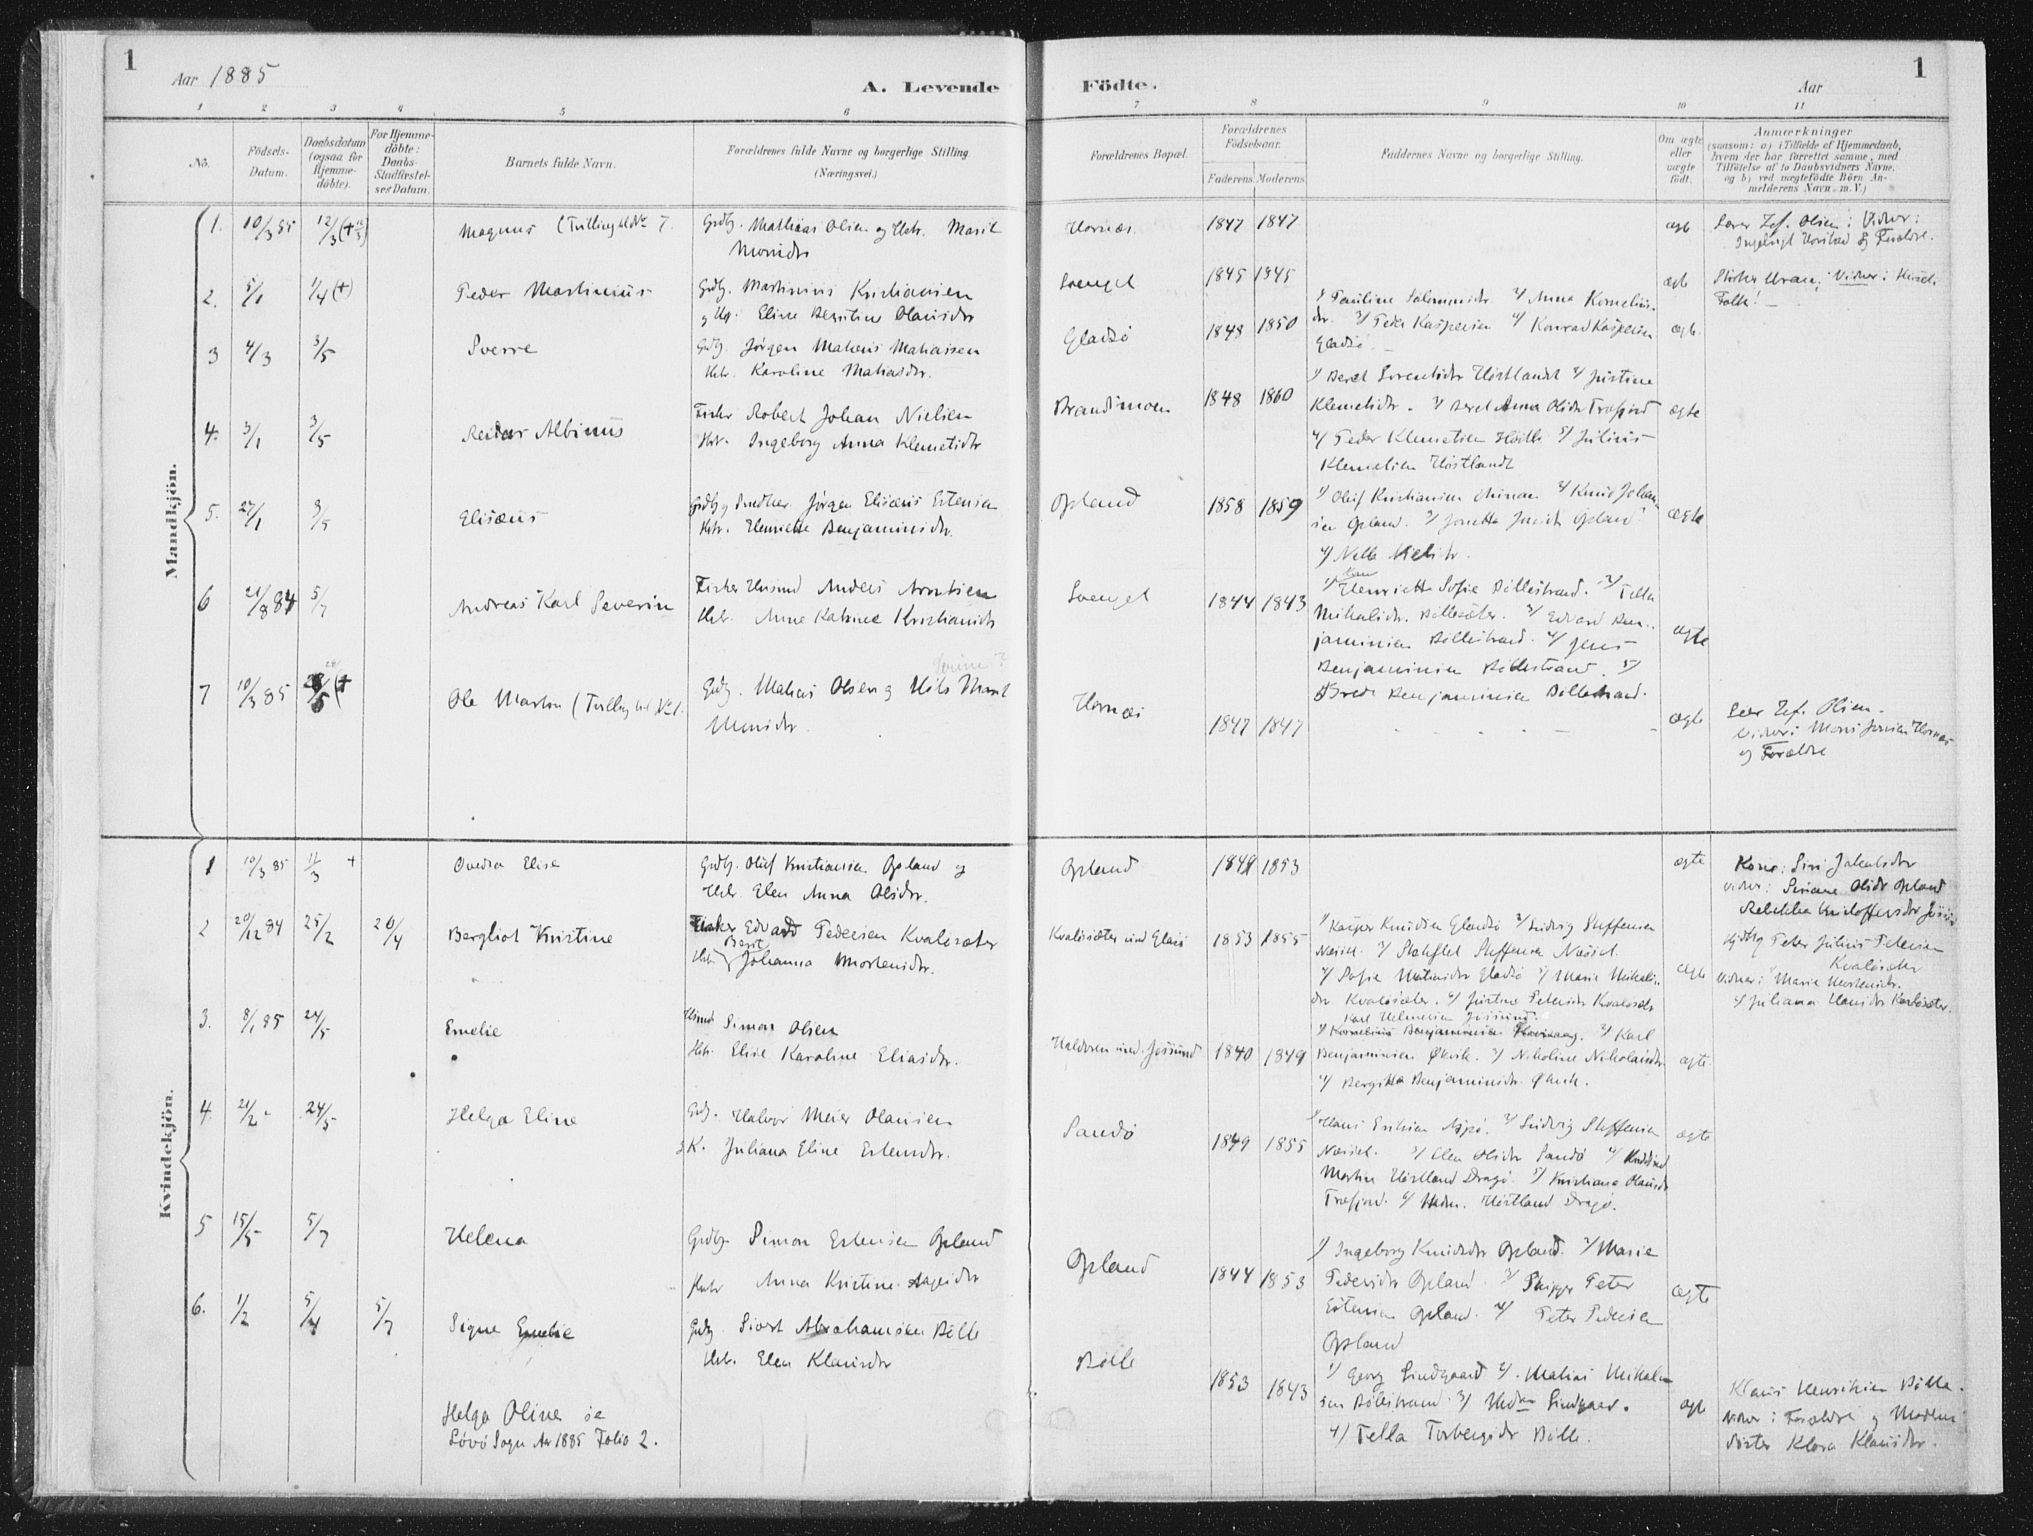 SAT, Ministerialprotokoller, klokkerbøker og fødselsregistre - Nord-Trøndelag, 771/L0597: Ministerialbok nr. 771A04, 1885-1910, s. 1